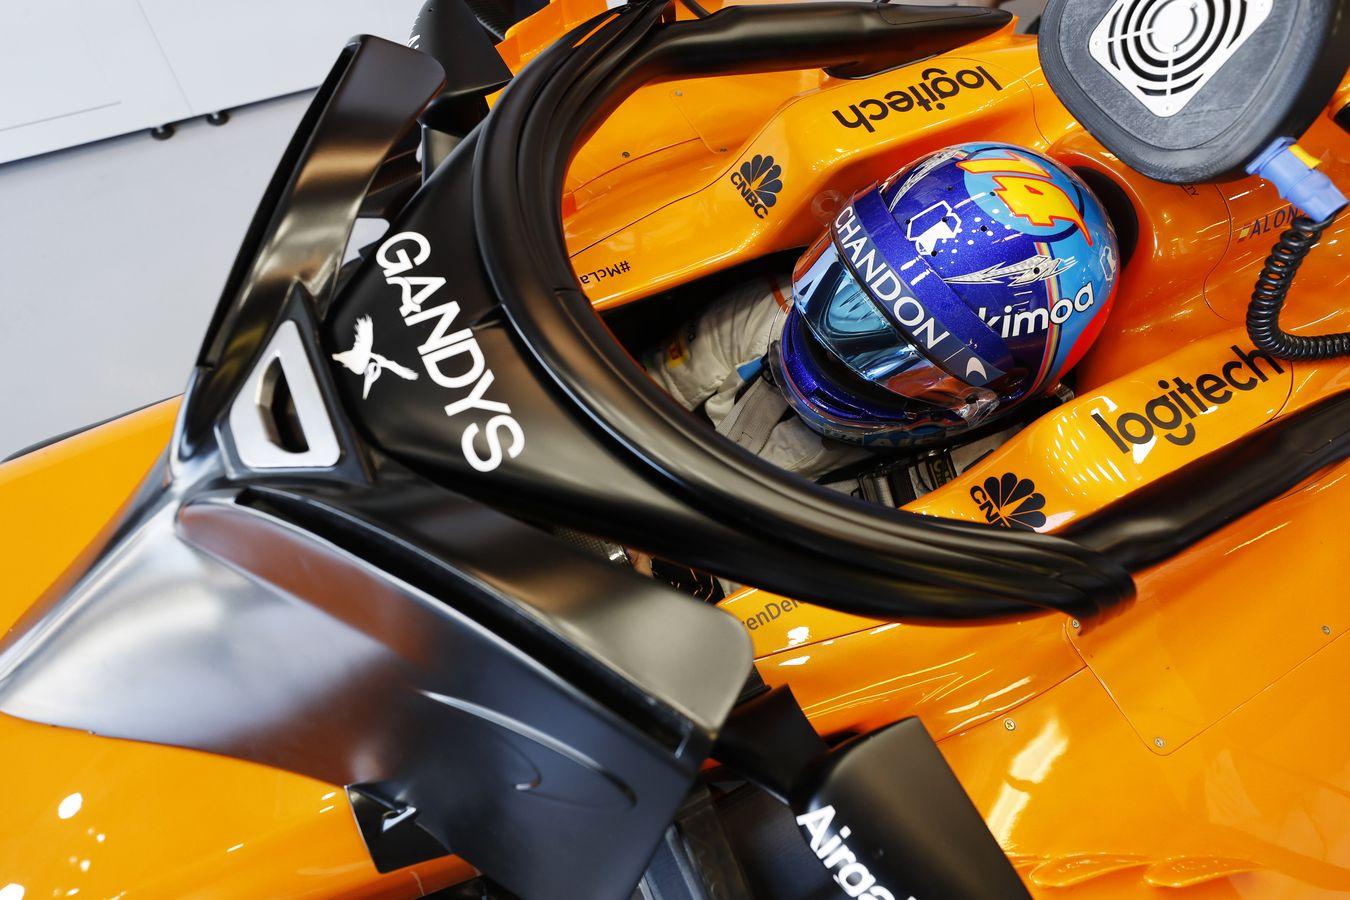 Australian Grand Prix 2017 Tickets >> McLaren Formula 1 - 2018 Australian Grand Prix - Free Practice